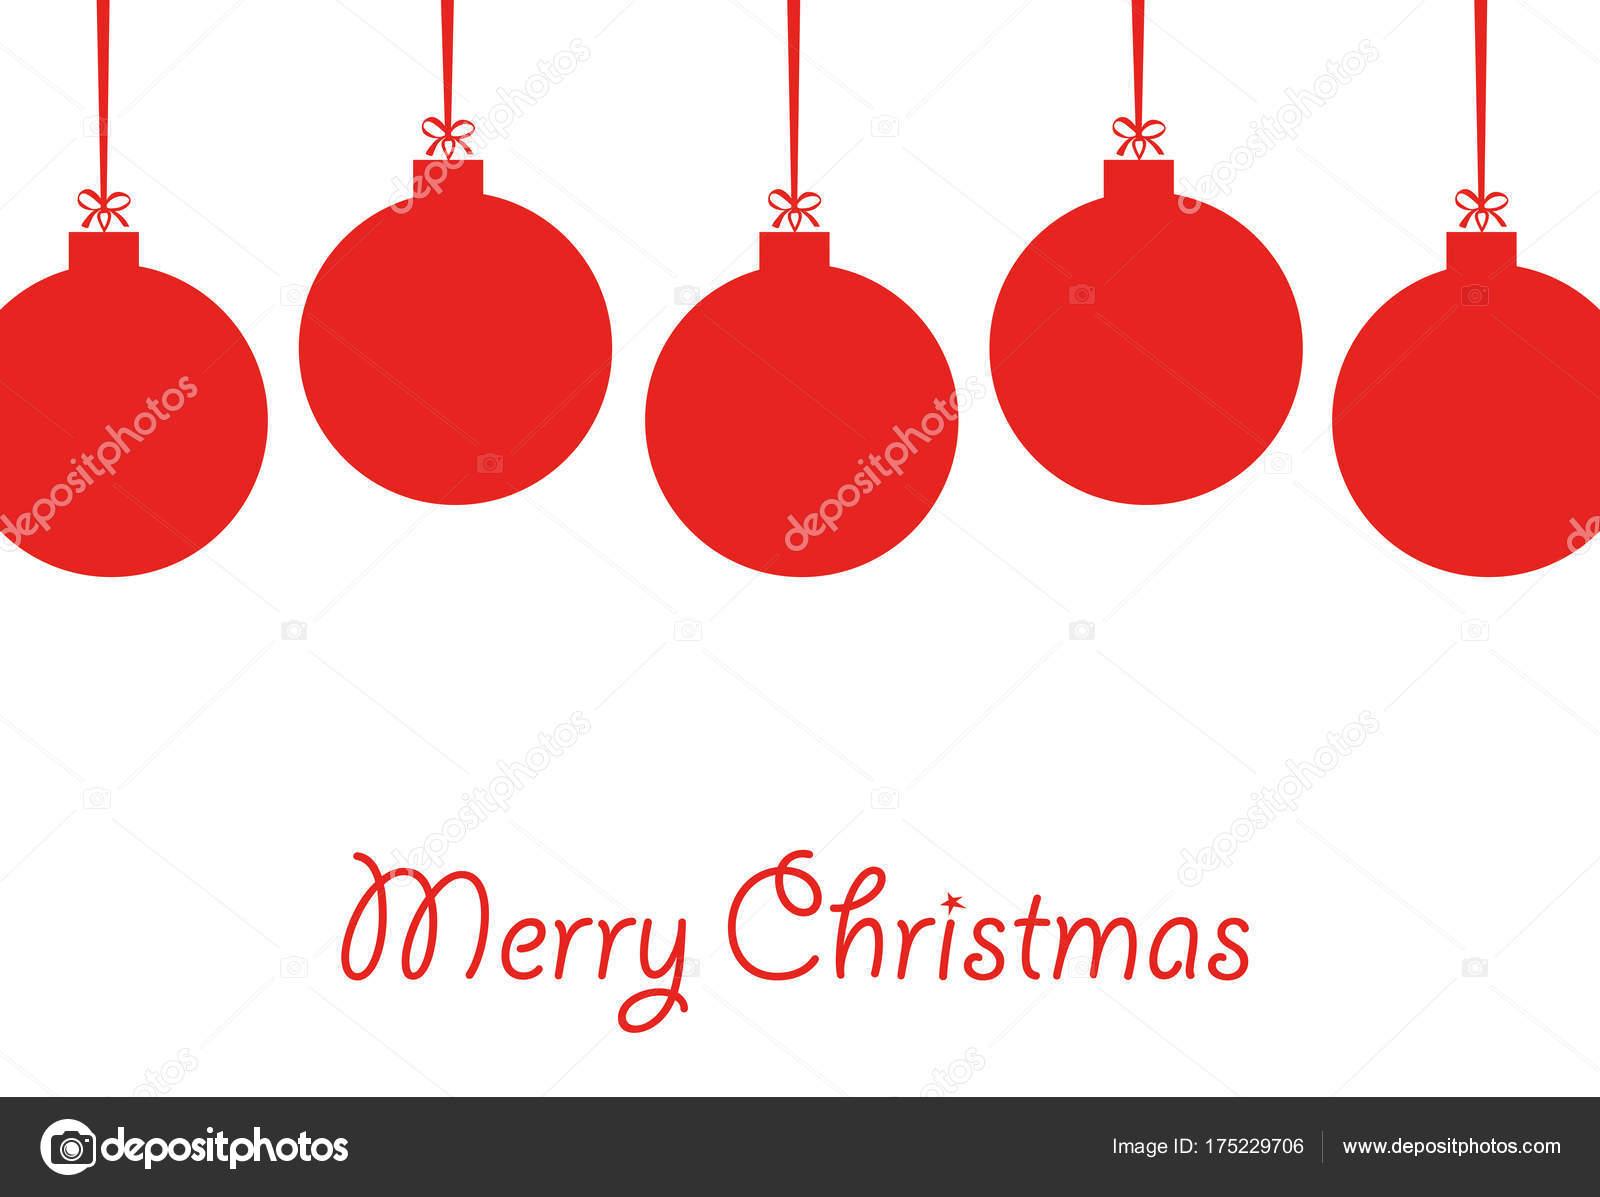 Imagenes Lazos De Navidad.Formas De Lazos Navidenos Cinco Bolas De Navidad Rojo Con